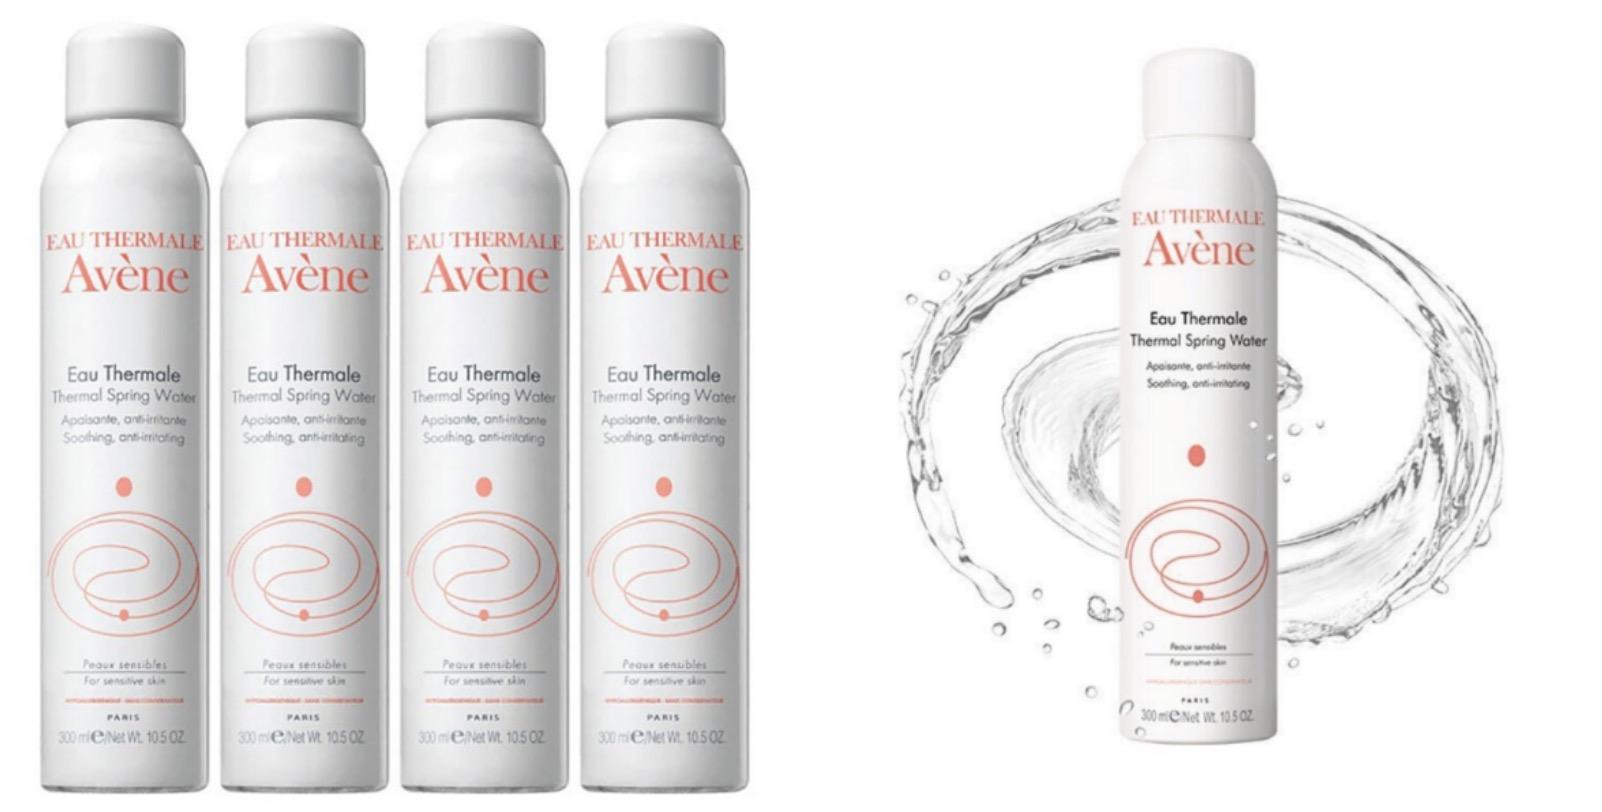 完美鈣鎂2:1比例,能深層修護肌膚,擁有豐富微量元素,有效舒緩安定肌膚敏感不適,並替肌膚維持水嫩狀態、提升防護能力。